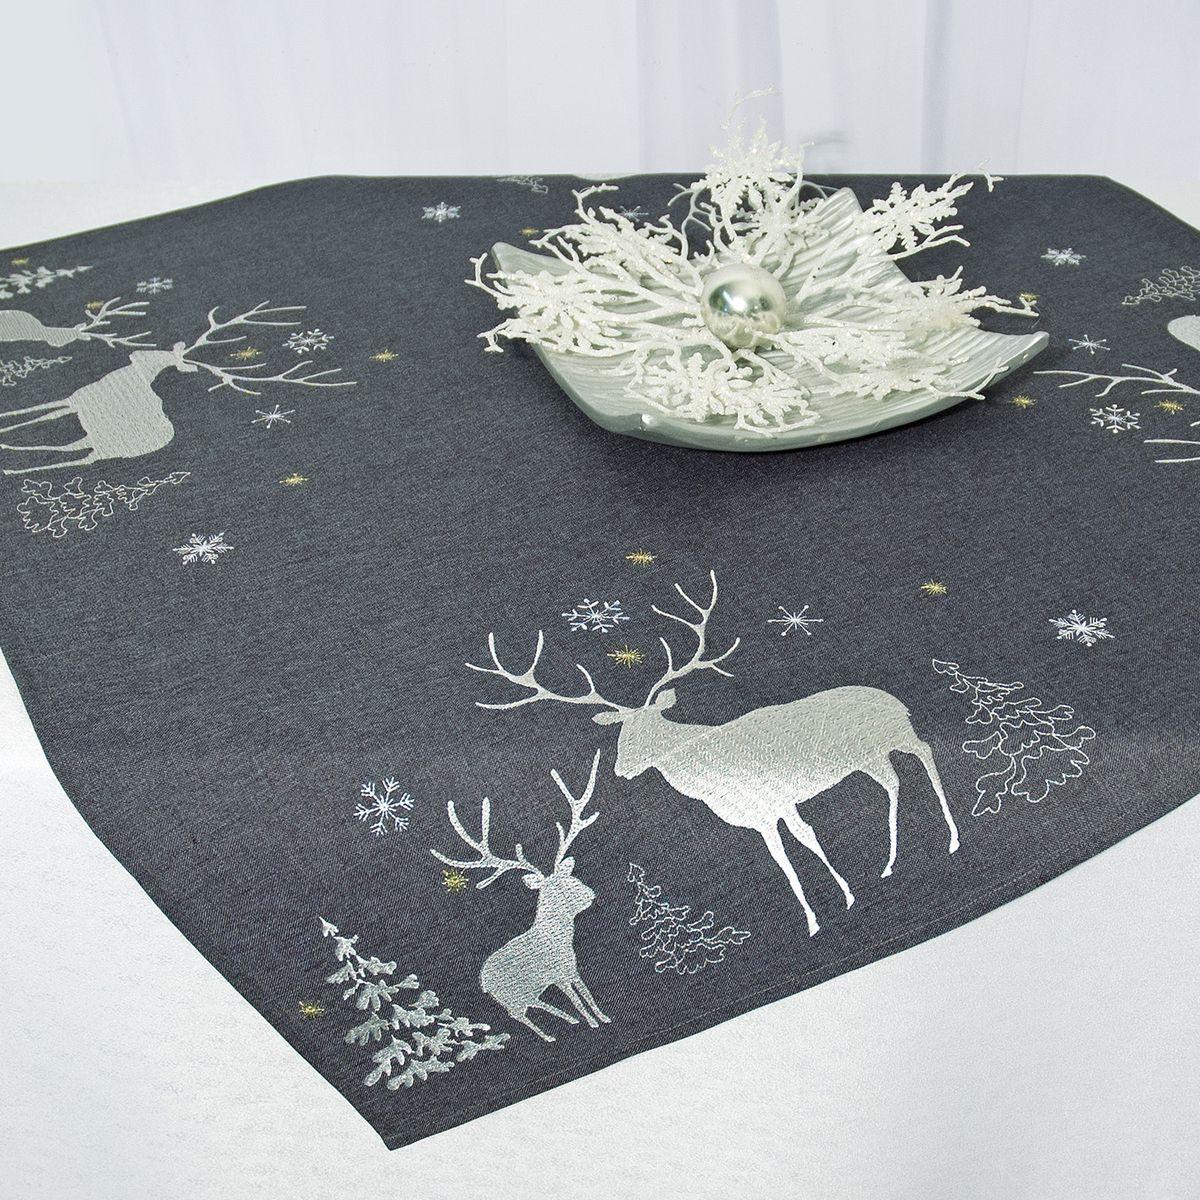 Скатерть Schaefer, квадратная, цвет: серый, 85 x 85 см 07670-10007670-100Квадратная скатерть Schaefer, выполненная из полиэстера, станет украшением новогоднего стола. Изделие декорировано оригинальной вышивкой в виде оленей, елок и снежинок. За текстилем из полиэстера очень легко ухаживать: он легко стирается, не мнется, не садится и быстро сохнет, более долговечен, чем текстиль из натуральных волокон. Использование такой скатерти сделает застолье торжественным, поднимет настроение гостей и приятно удивит их вашим изысканным вкусом. Это текстильное изделие станет изысканным украшением вашего дома!